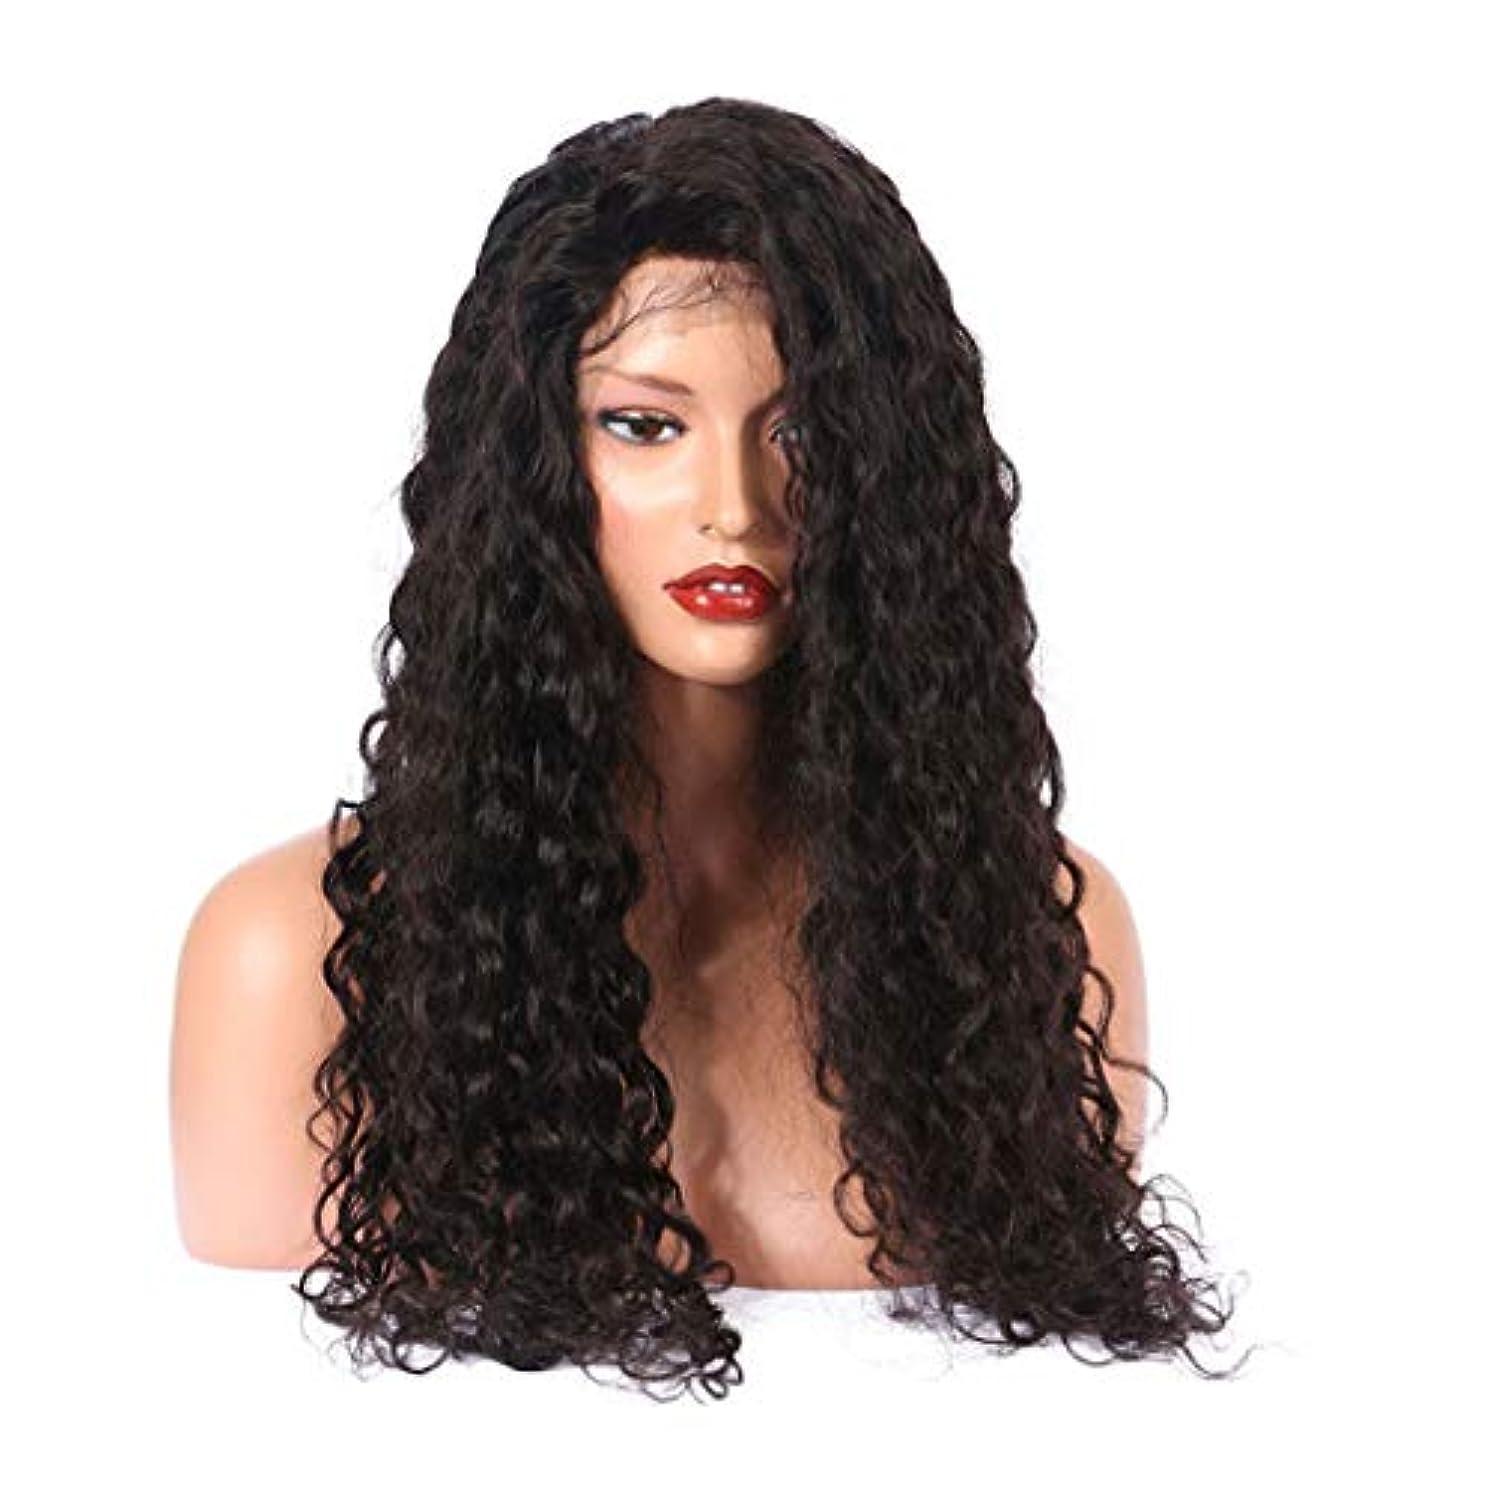 エキゾチック光沢のある耐えられないFuku つけ毛 グルーレスレースフロントかつら女性のための長くナチュラルカーリー高密度合成レースかつら (色 : 黒)